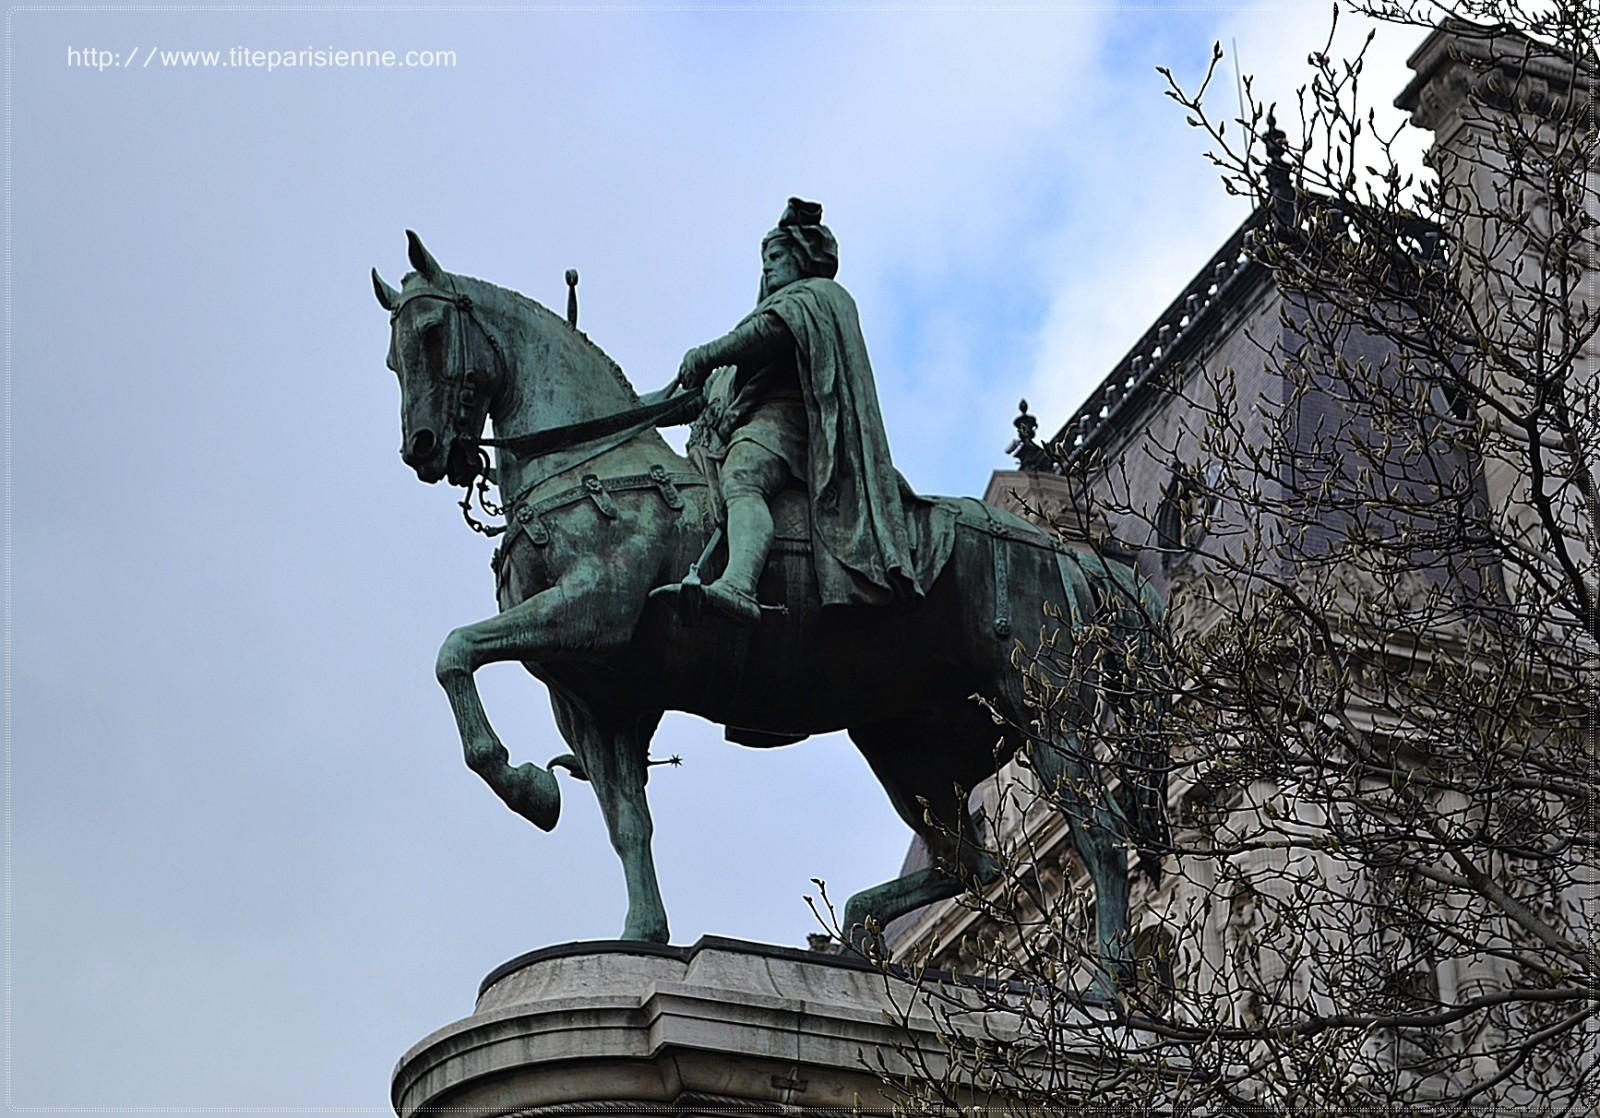 etienne marcel hotel de ville paris